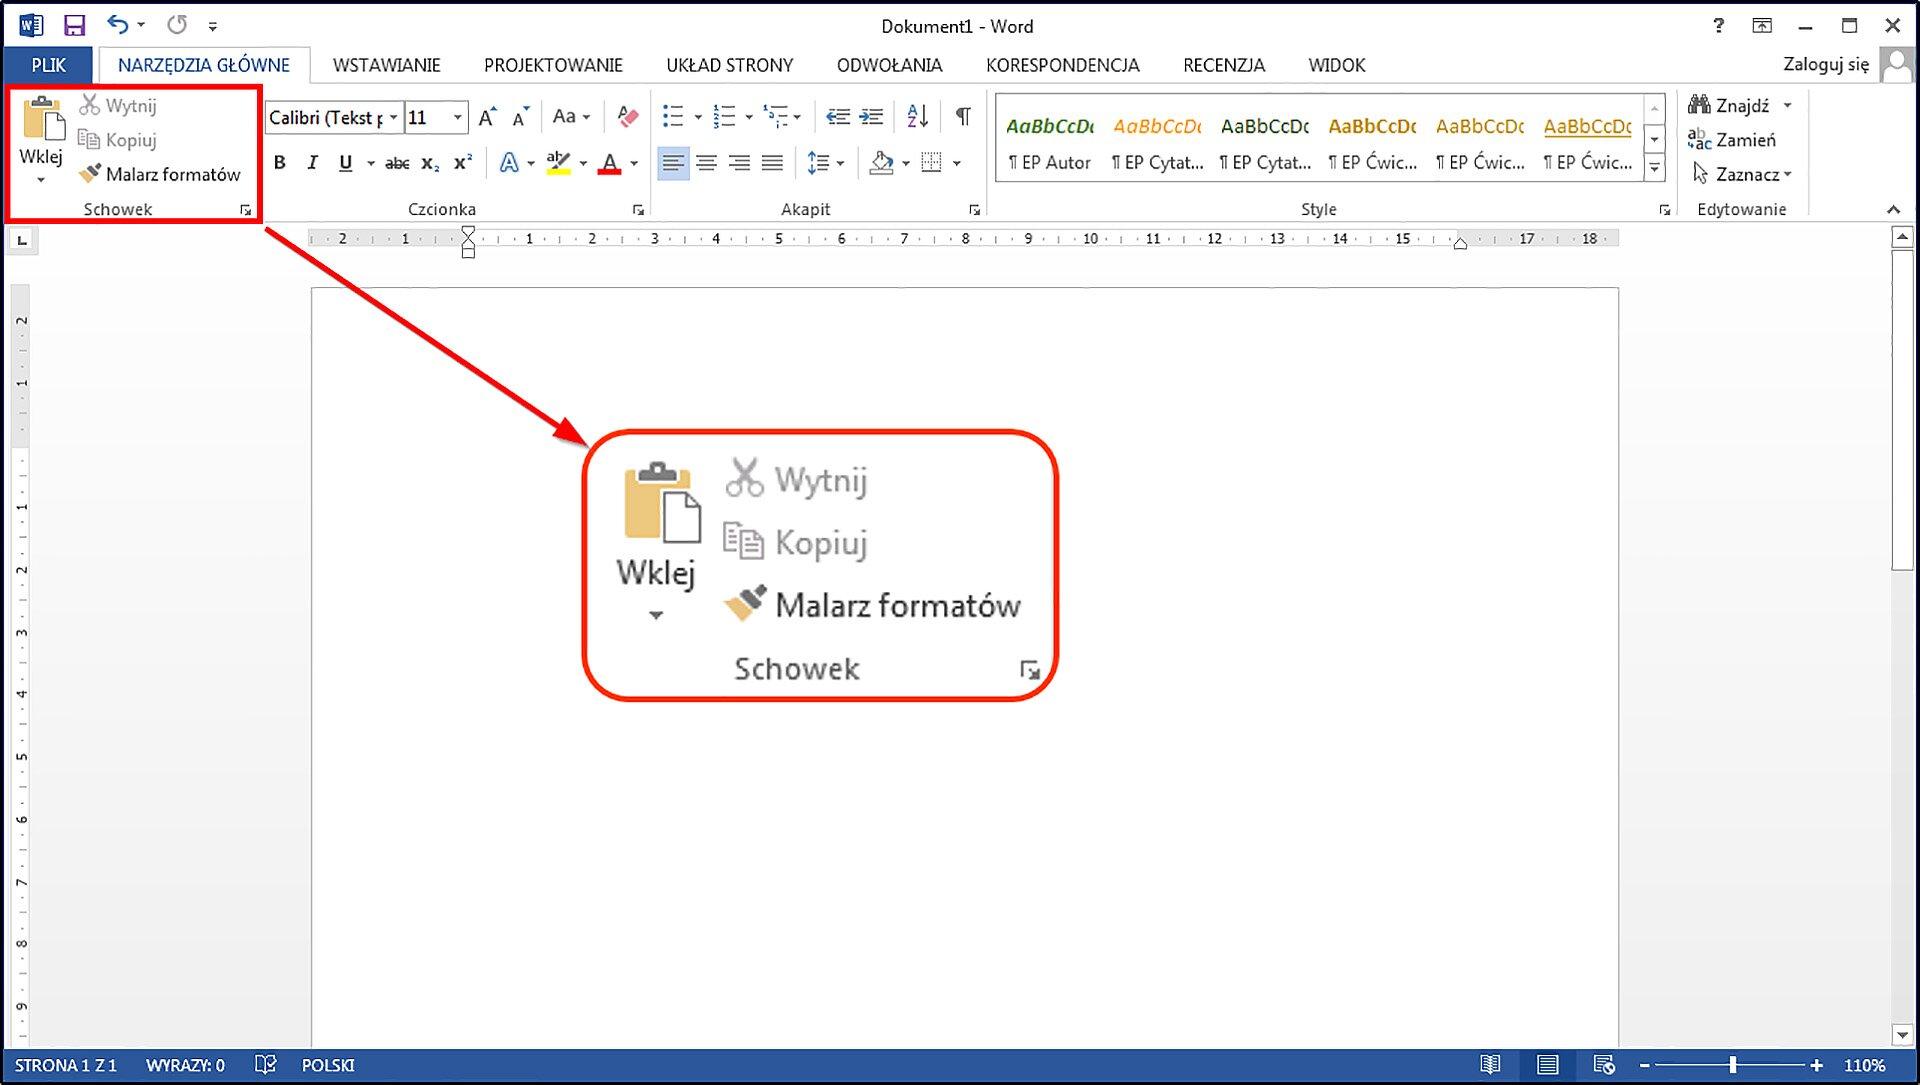 Slajd 1 galerii zrzutów okien przykładowych edytorów tekstu zzaznaczonymi narzędziami Wytnij, Kopiuj, Wklej